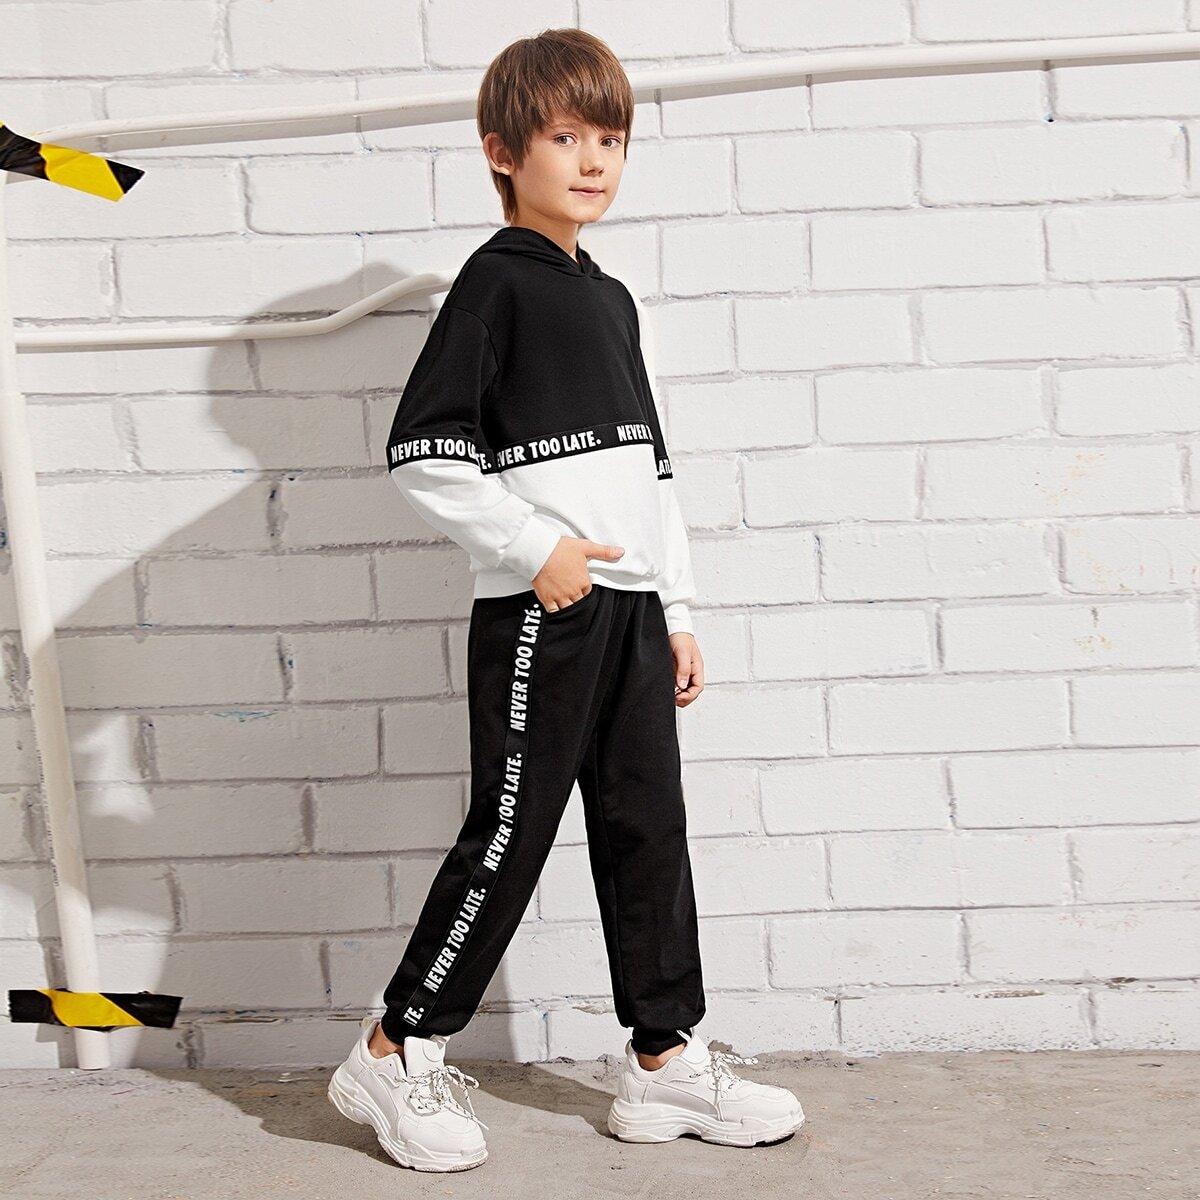 Zwart & wit Sporten Tekst Tweedelige jongens outfits Zak